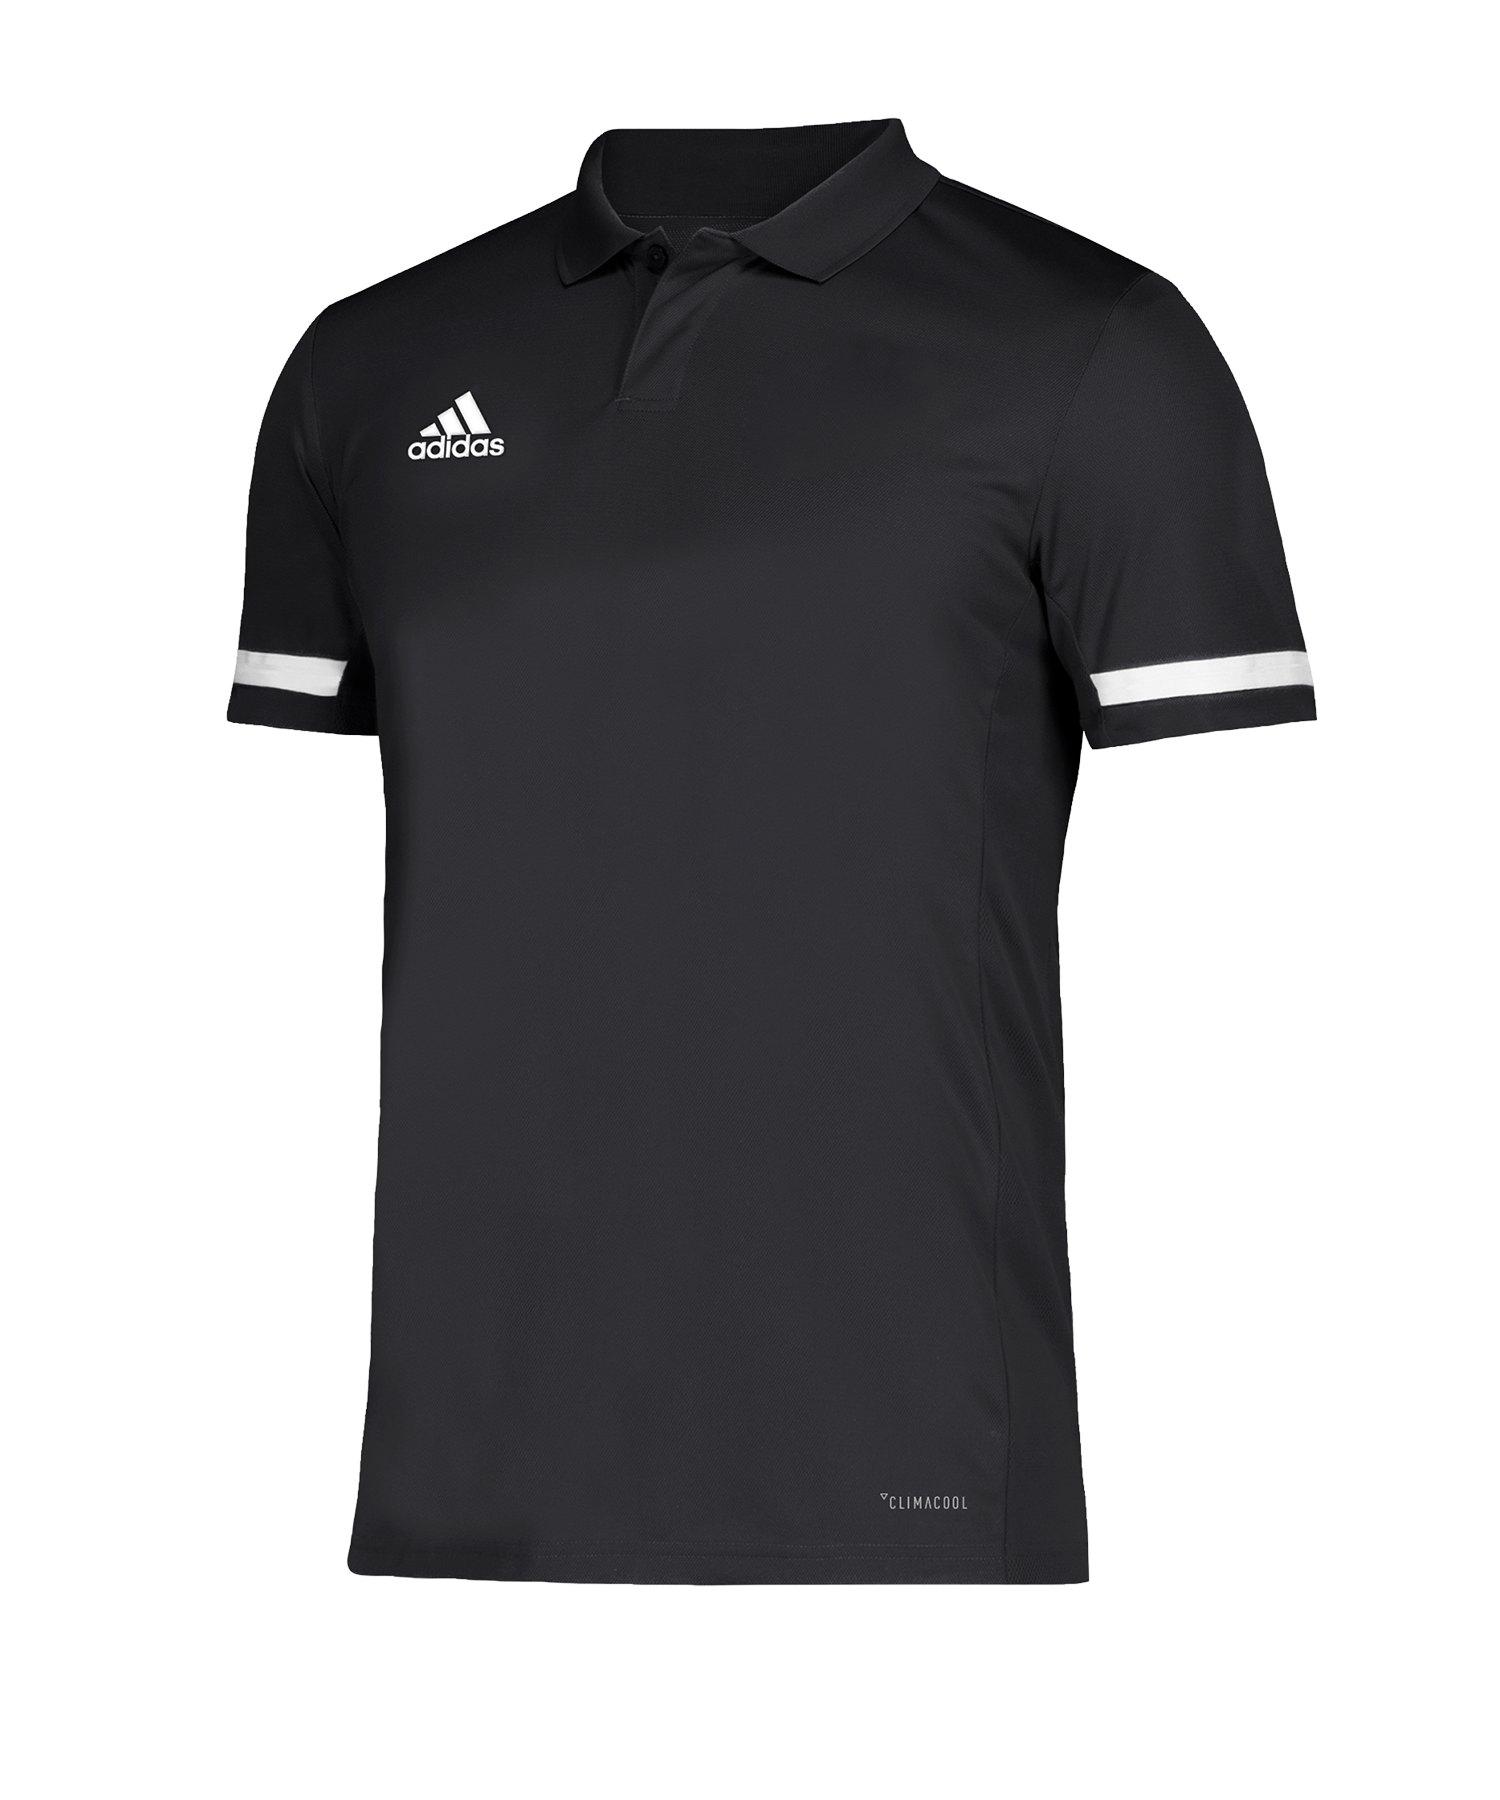 adidas Team 19 Poloshirt Schwarz Weiss - schwarz